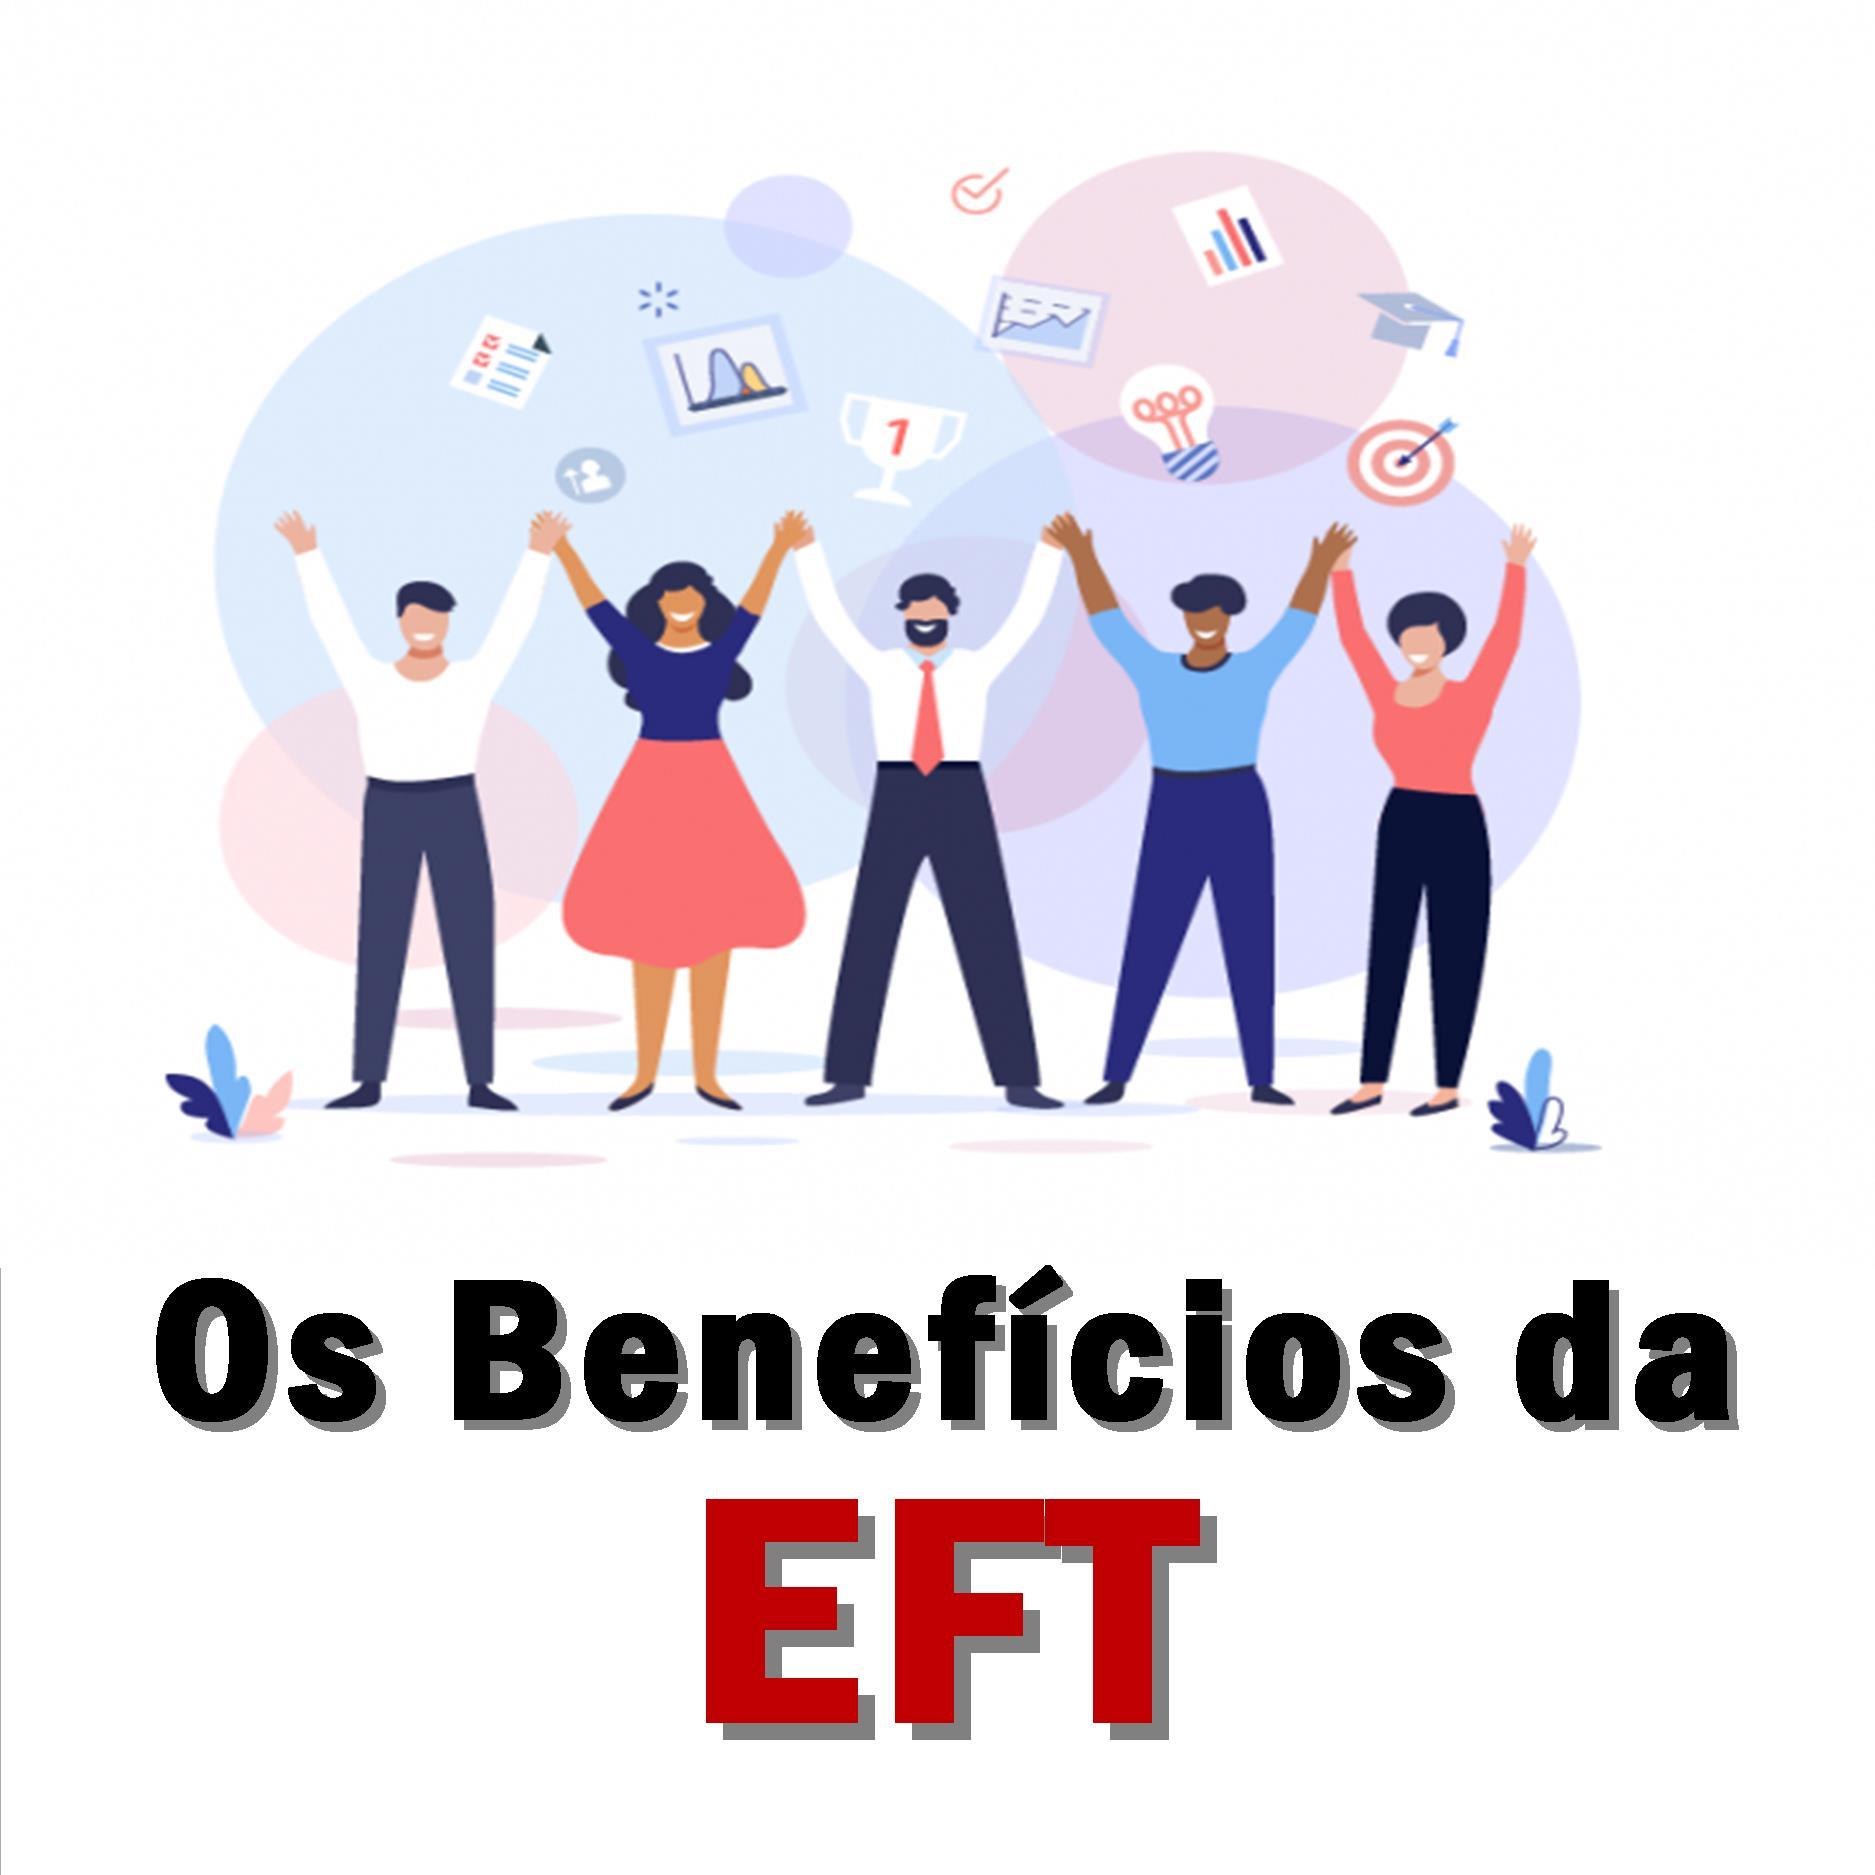 Os Benefícios da EFT